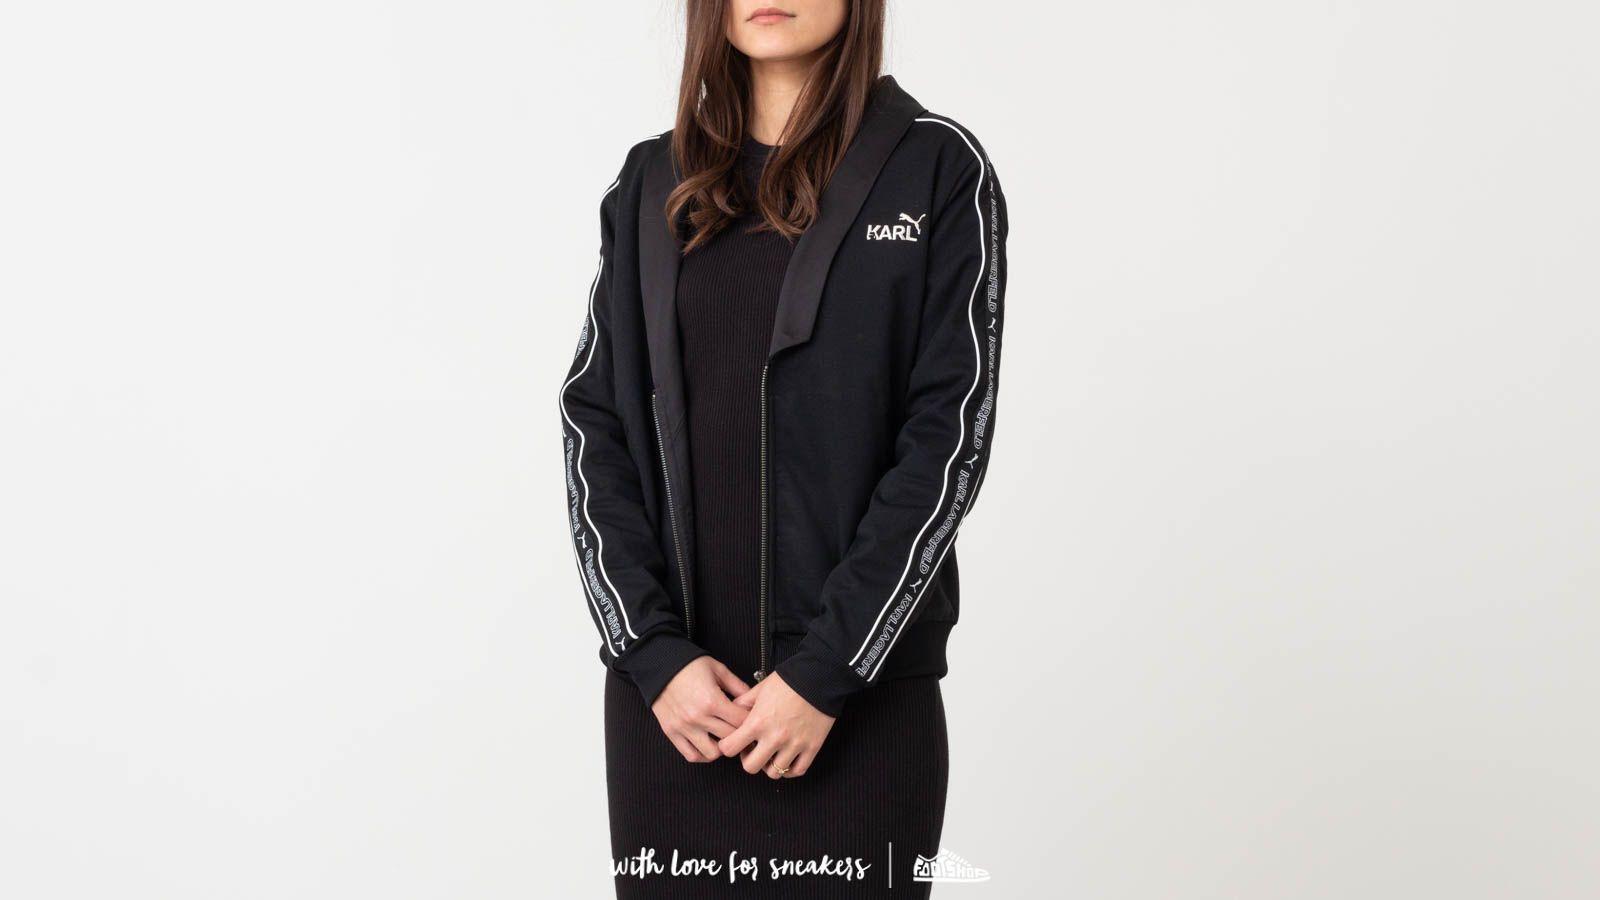 Puma x Karl Lagerfeld Track Top Black za skvelú cenu 72 € kúpite na Footshop.sk